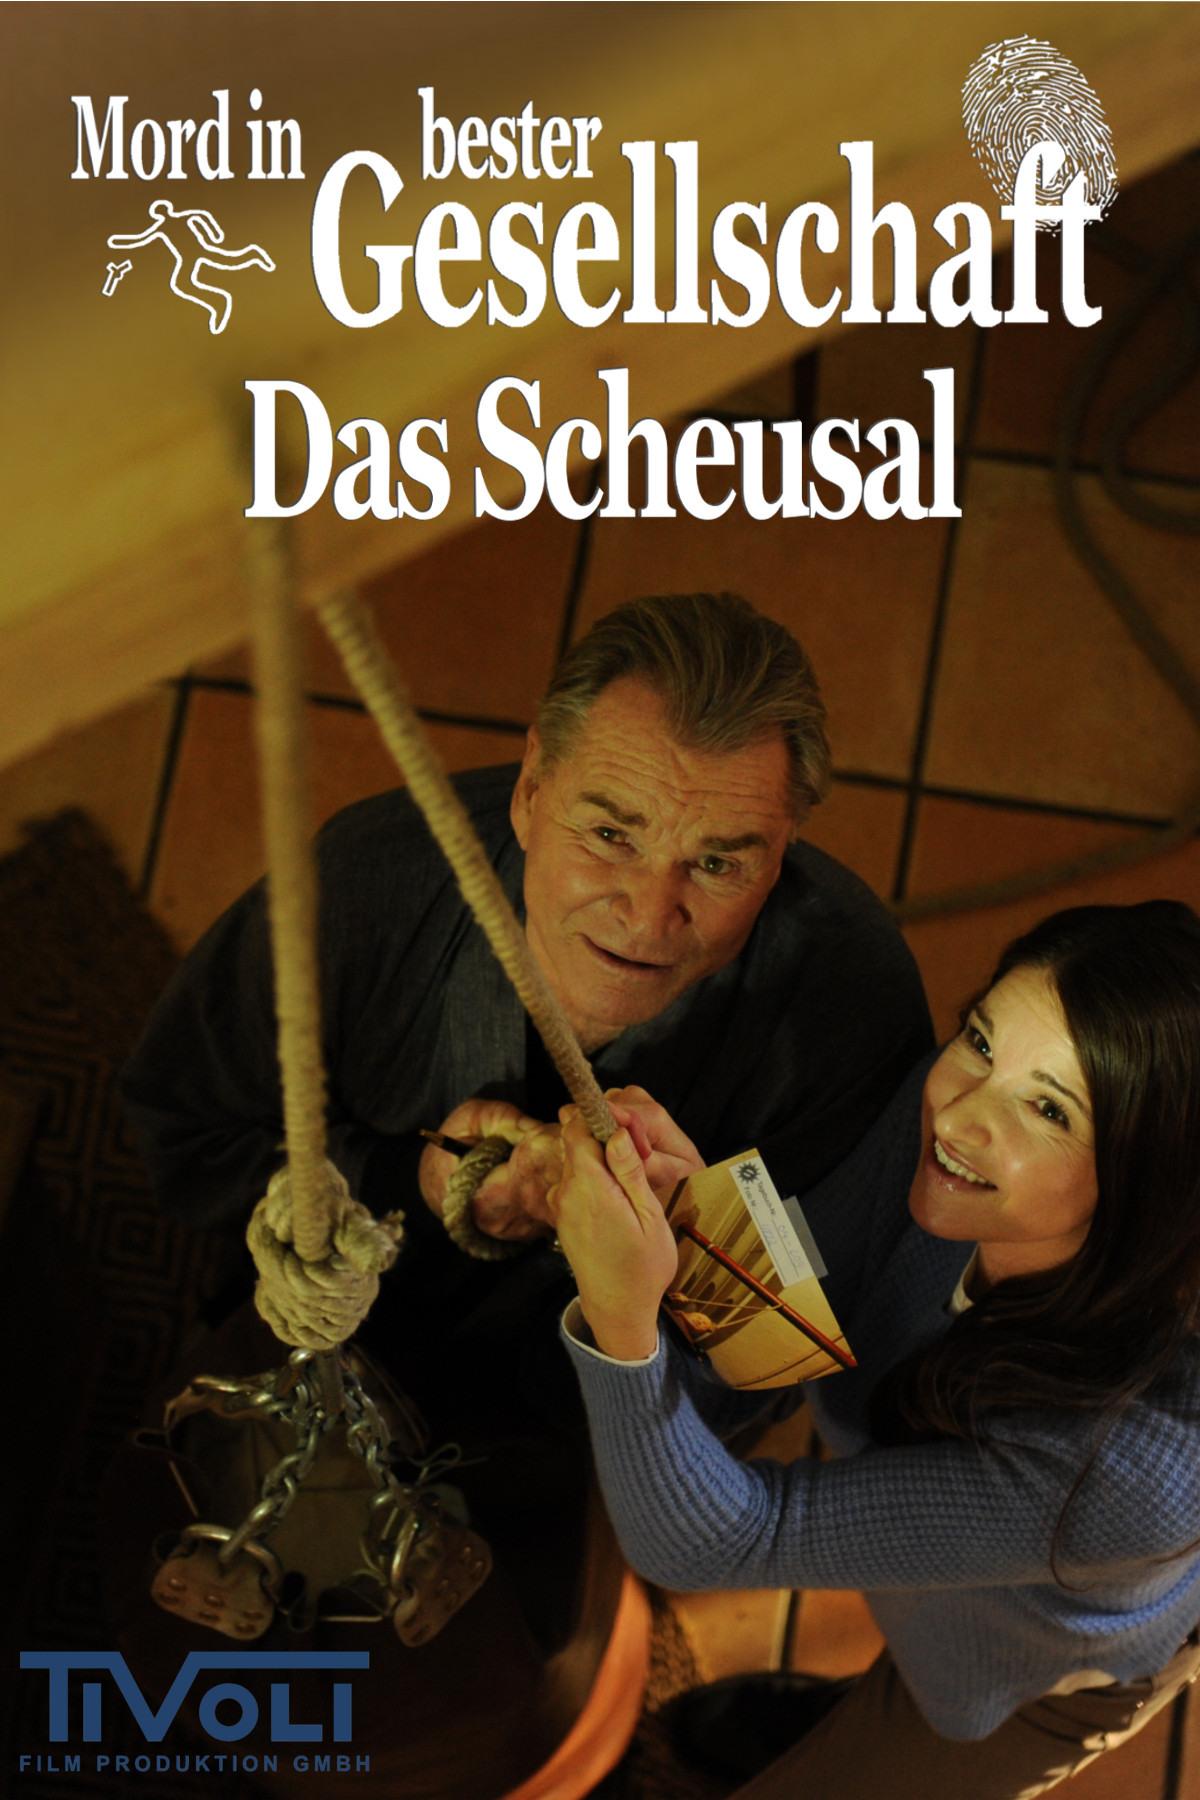 2015_Mord_in_bester_Gesellschaft_-_Das_Scheusal_Tivoli Film Produktion.jpg